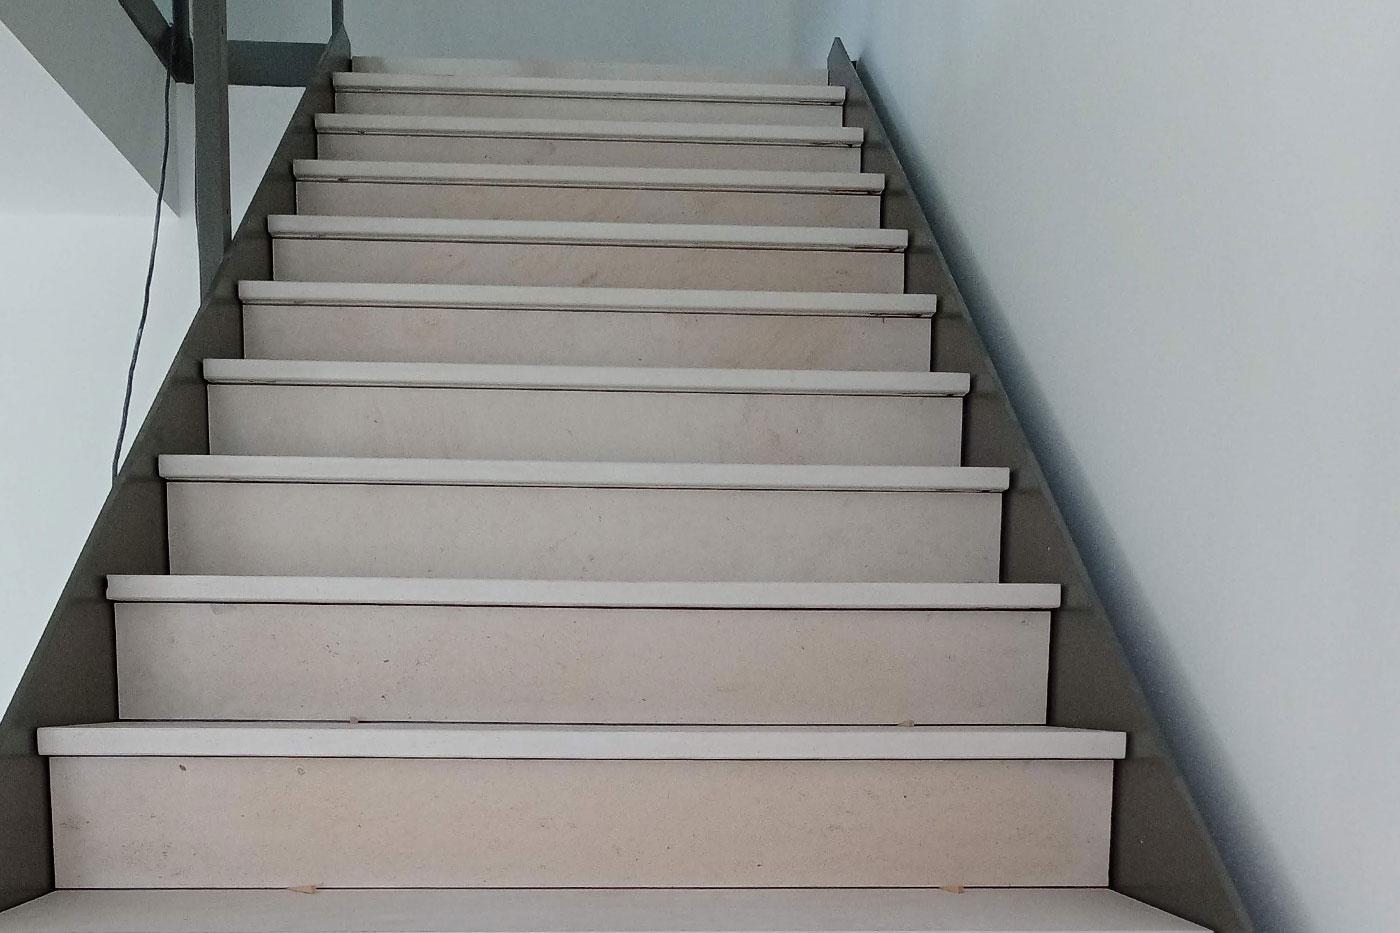 Fliesen-Fachmarkt Lauffen - Referenz Treppe